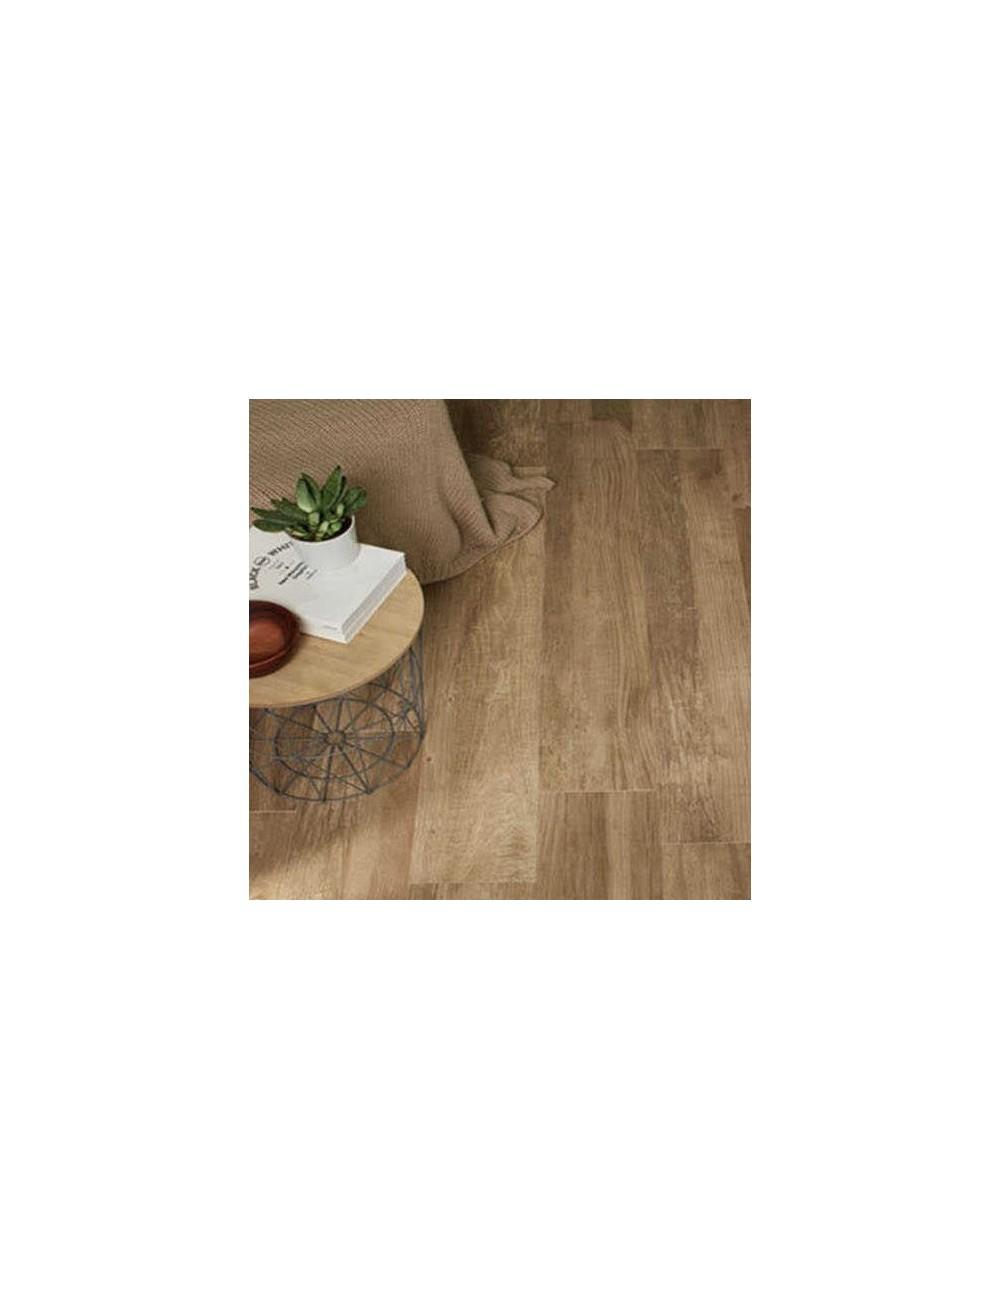 Fuga Minima Pavimento Rettificato gres porcellanato effetto legno: pavimenti per interni